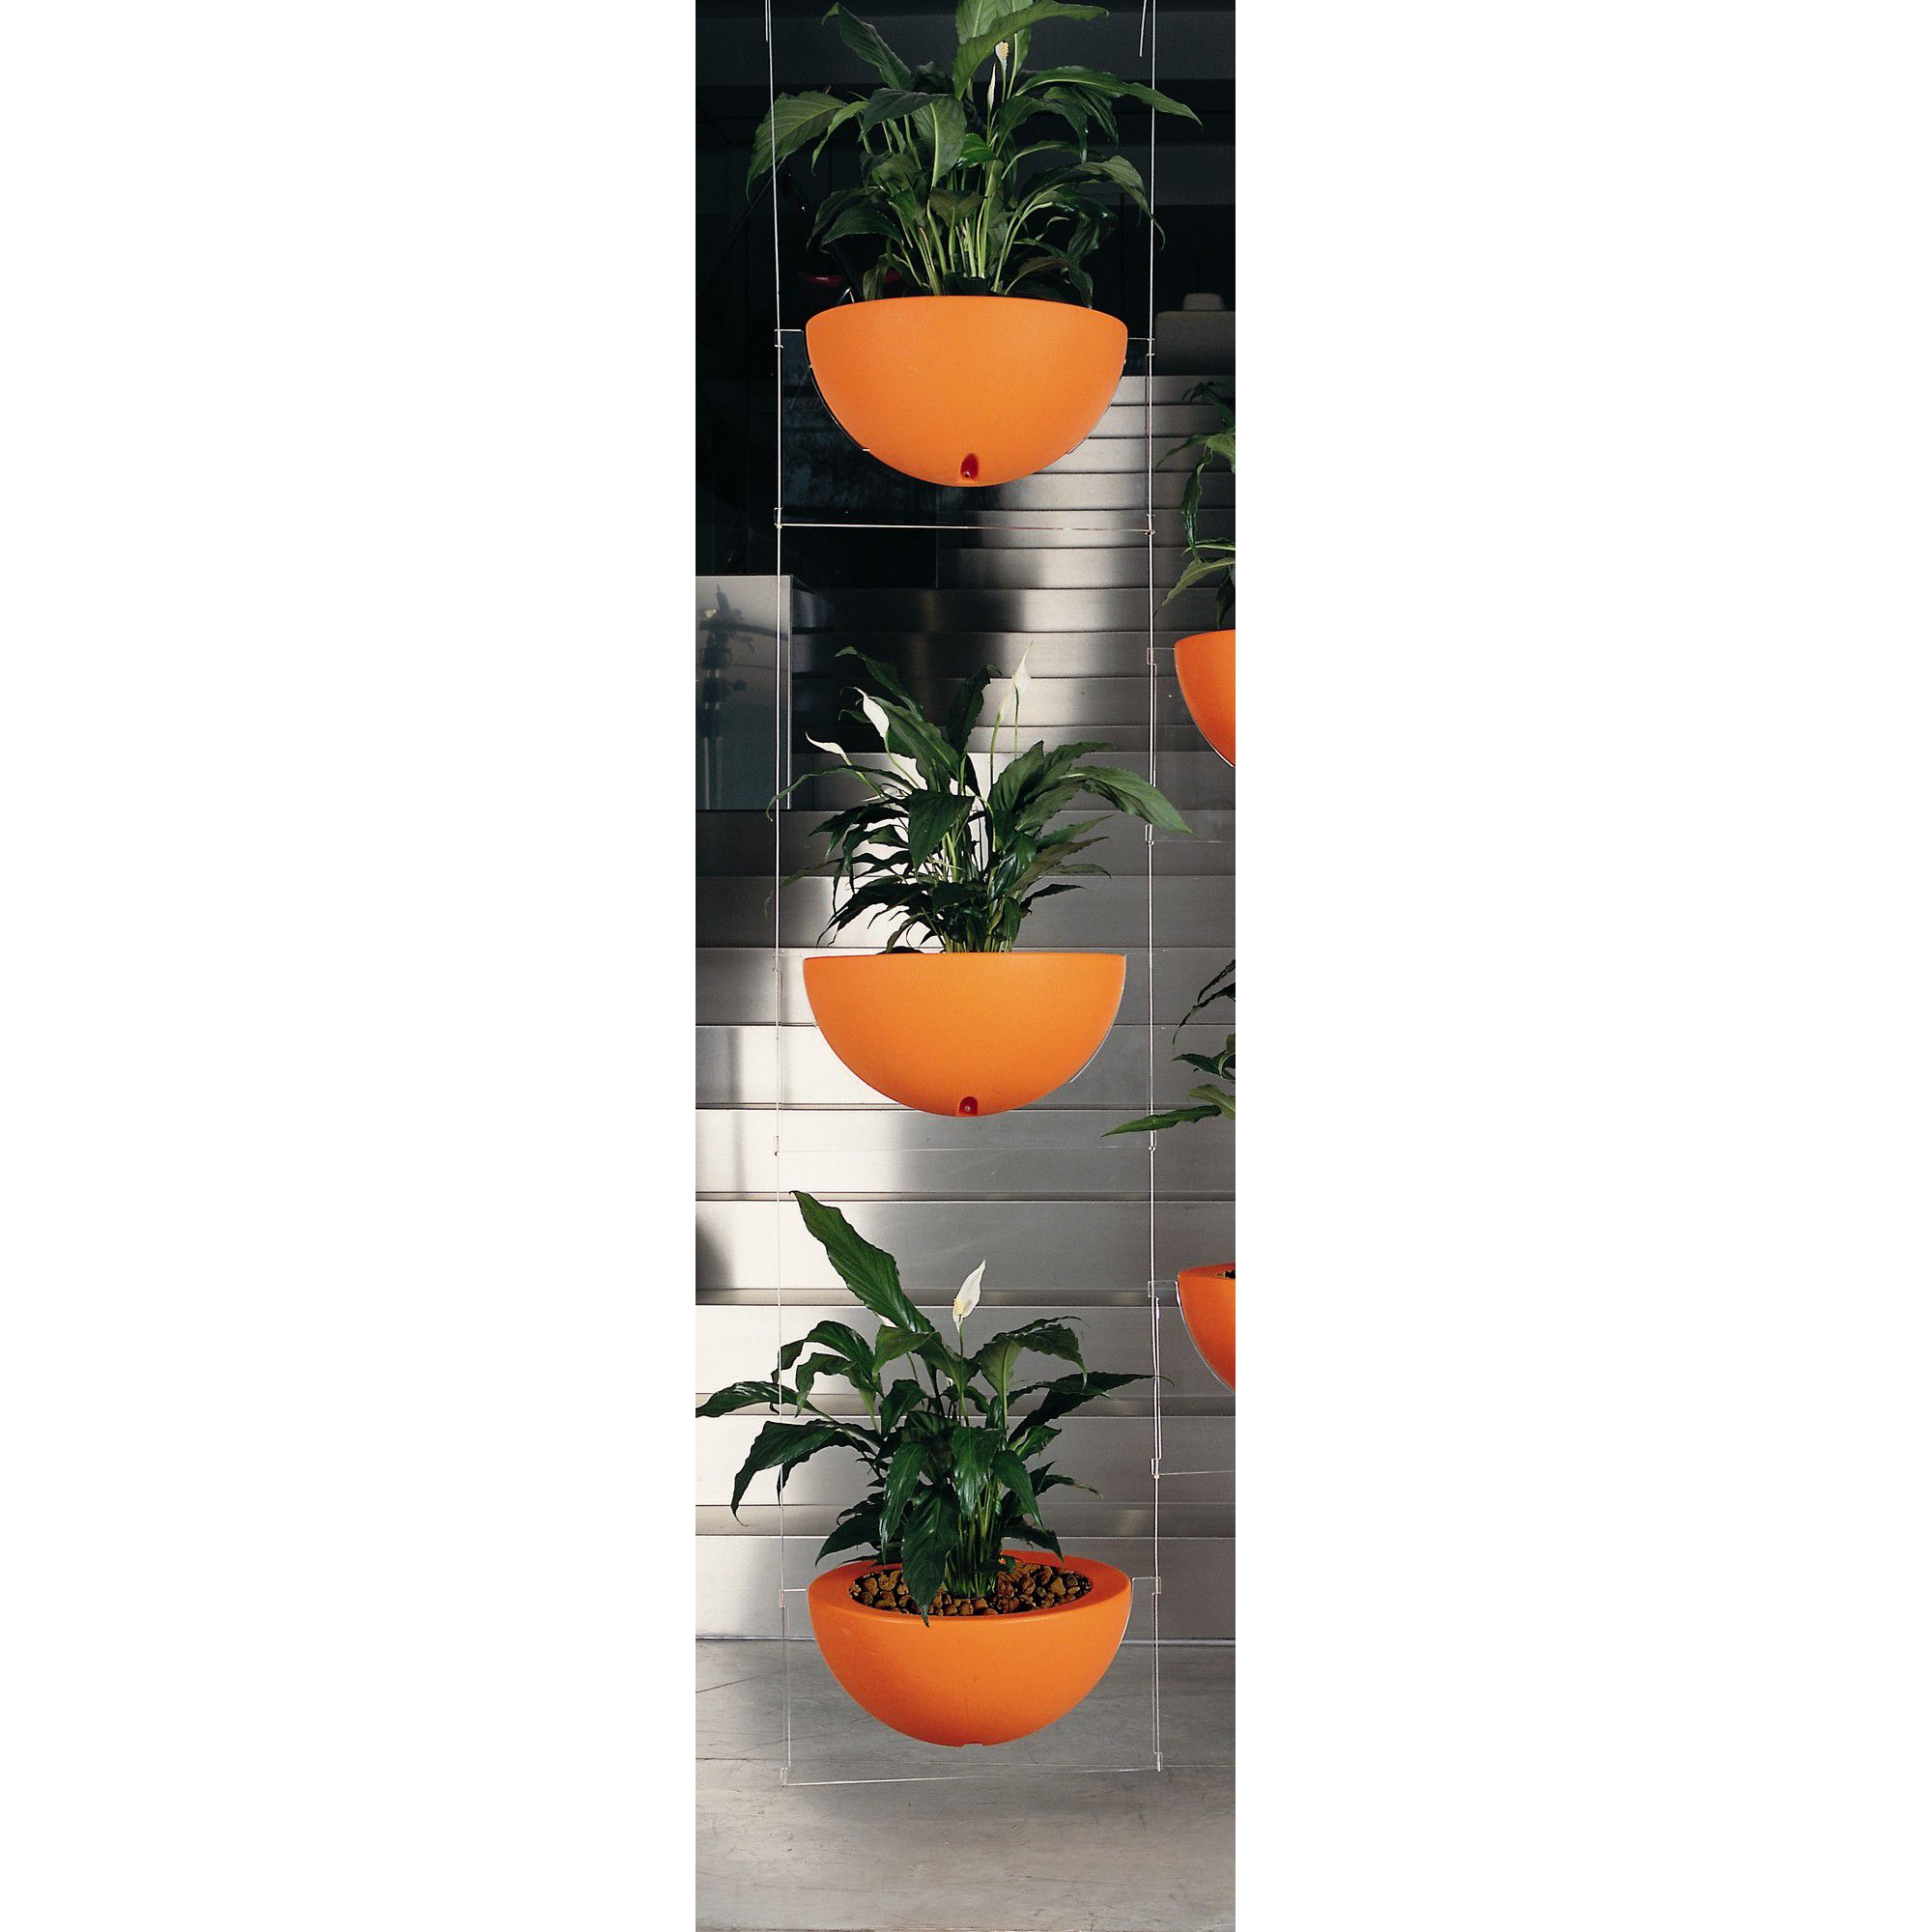 Emporium Positive Design Eebavoglio Triple Flower Tray - Orange at Tesco Direct